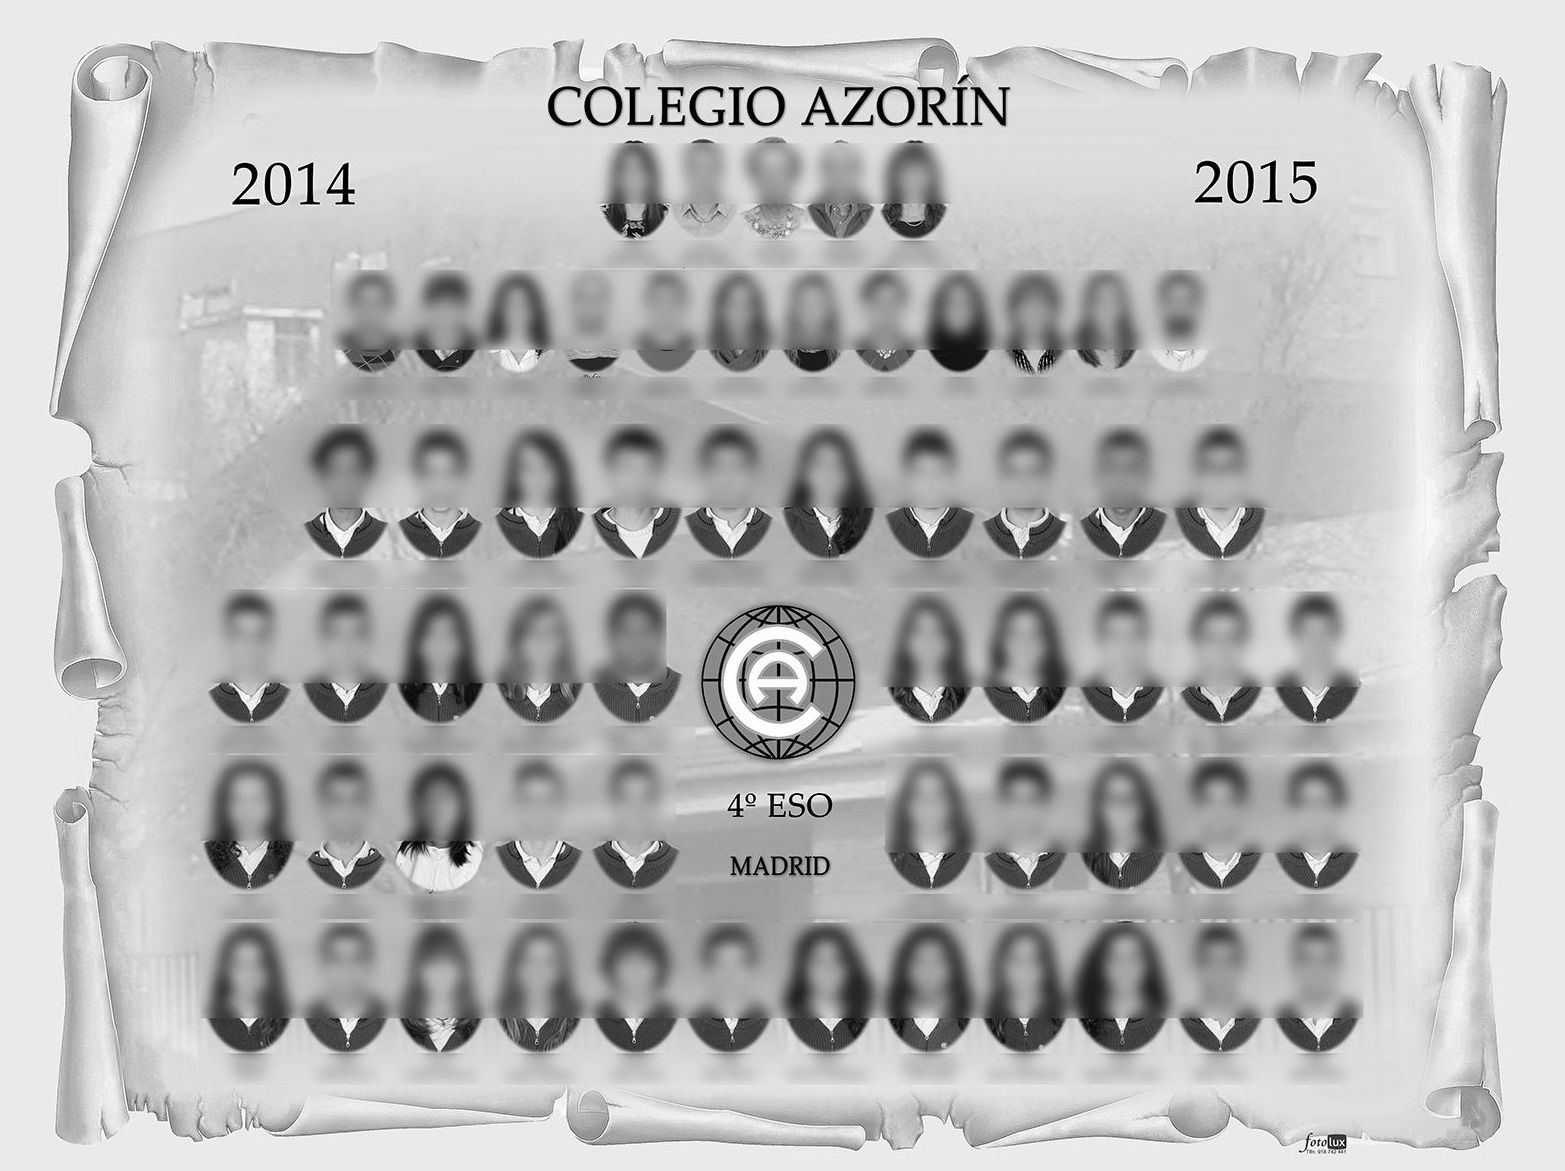 Orla de graduación Cuarto Eso, Colegio Azorín, Madrid